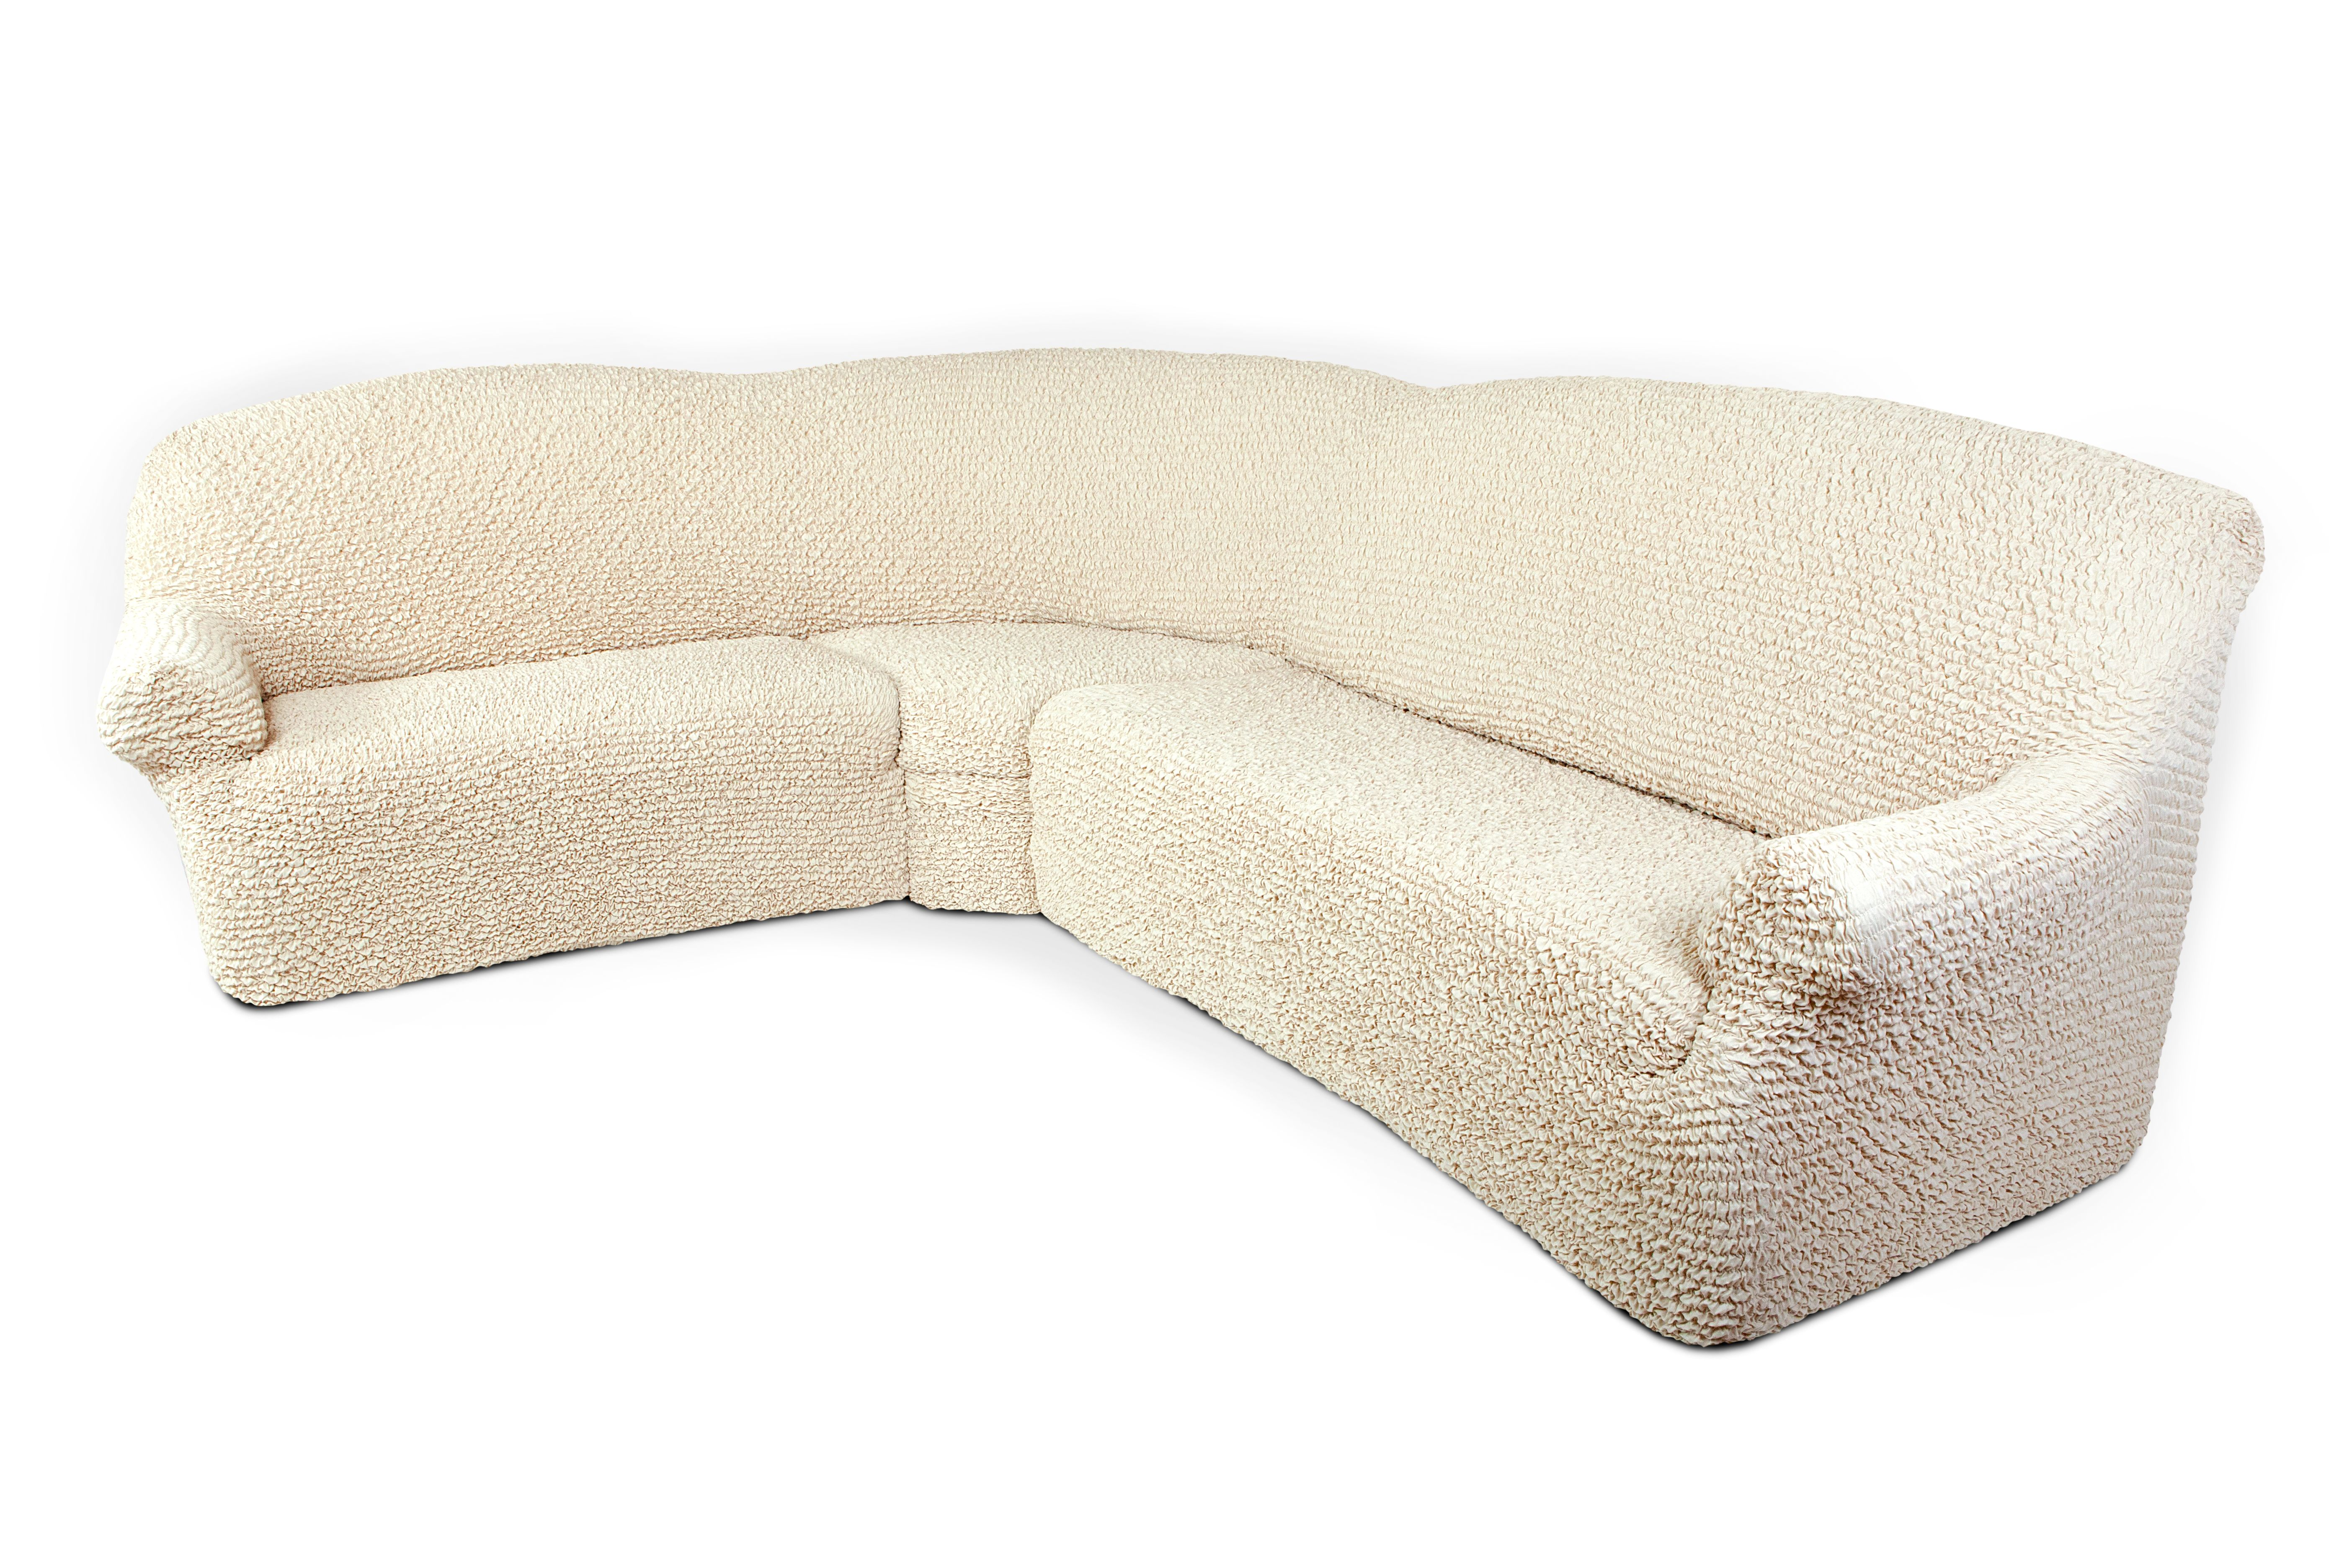 Чехол на угловой диван Еврочехол Микрофибра, цвет: ванильный, 380-550 см натяжной чехол на трехместный диван еврочехол еврочехол фантазия венеция